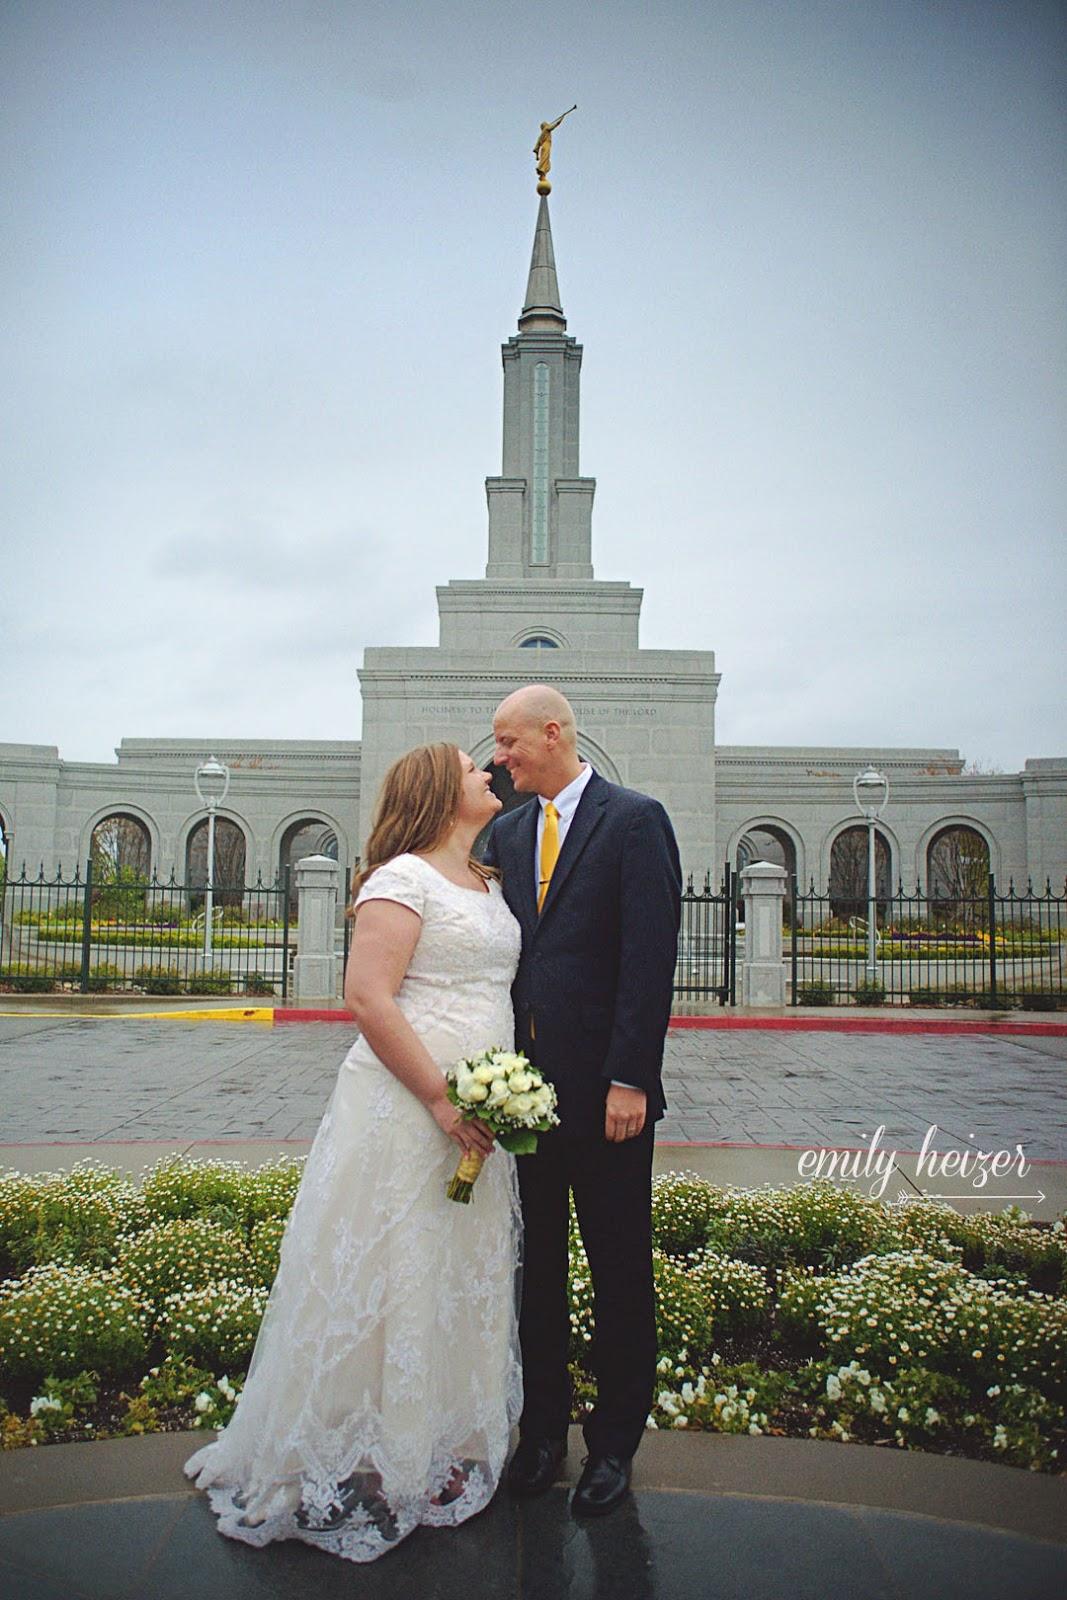 Sacramento Wedding Dress 35 Trend Images by Emily Heizer